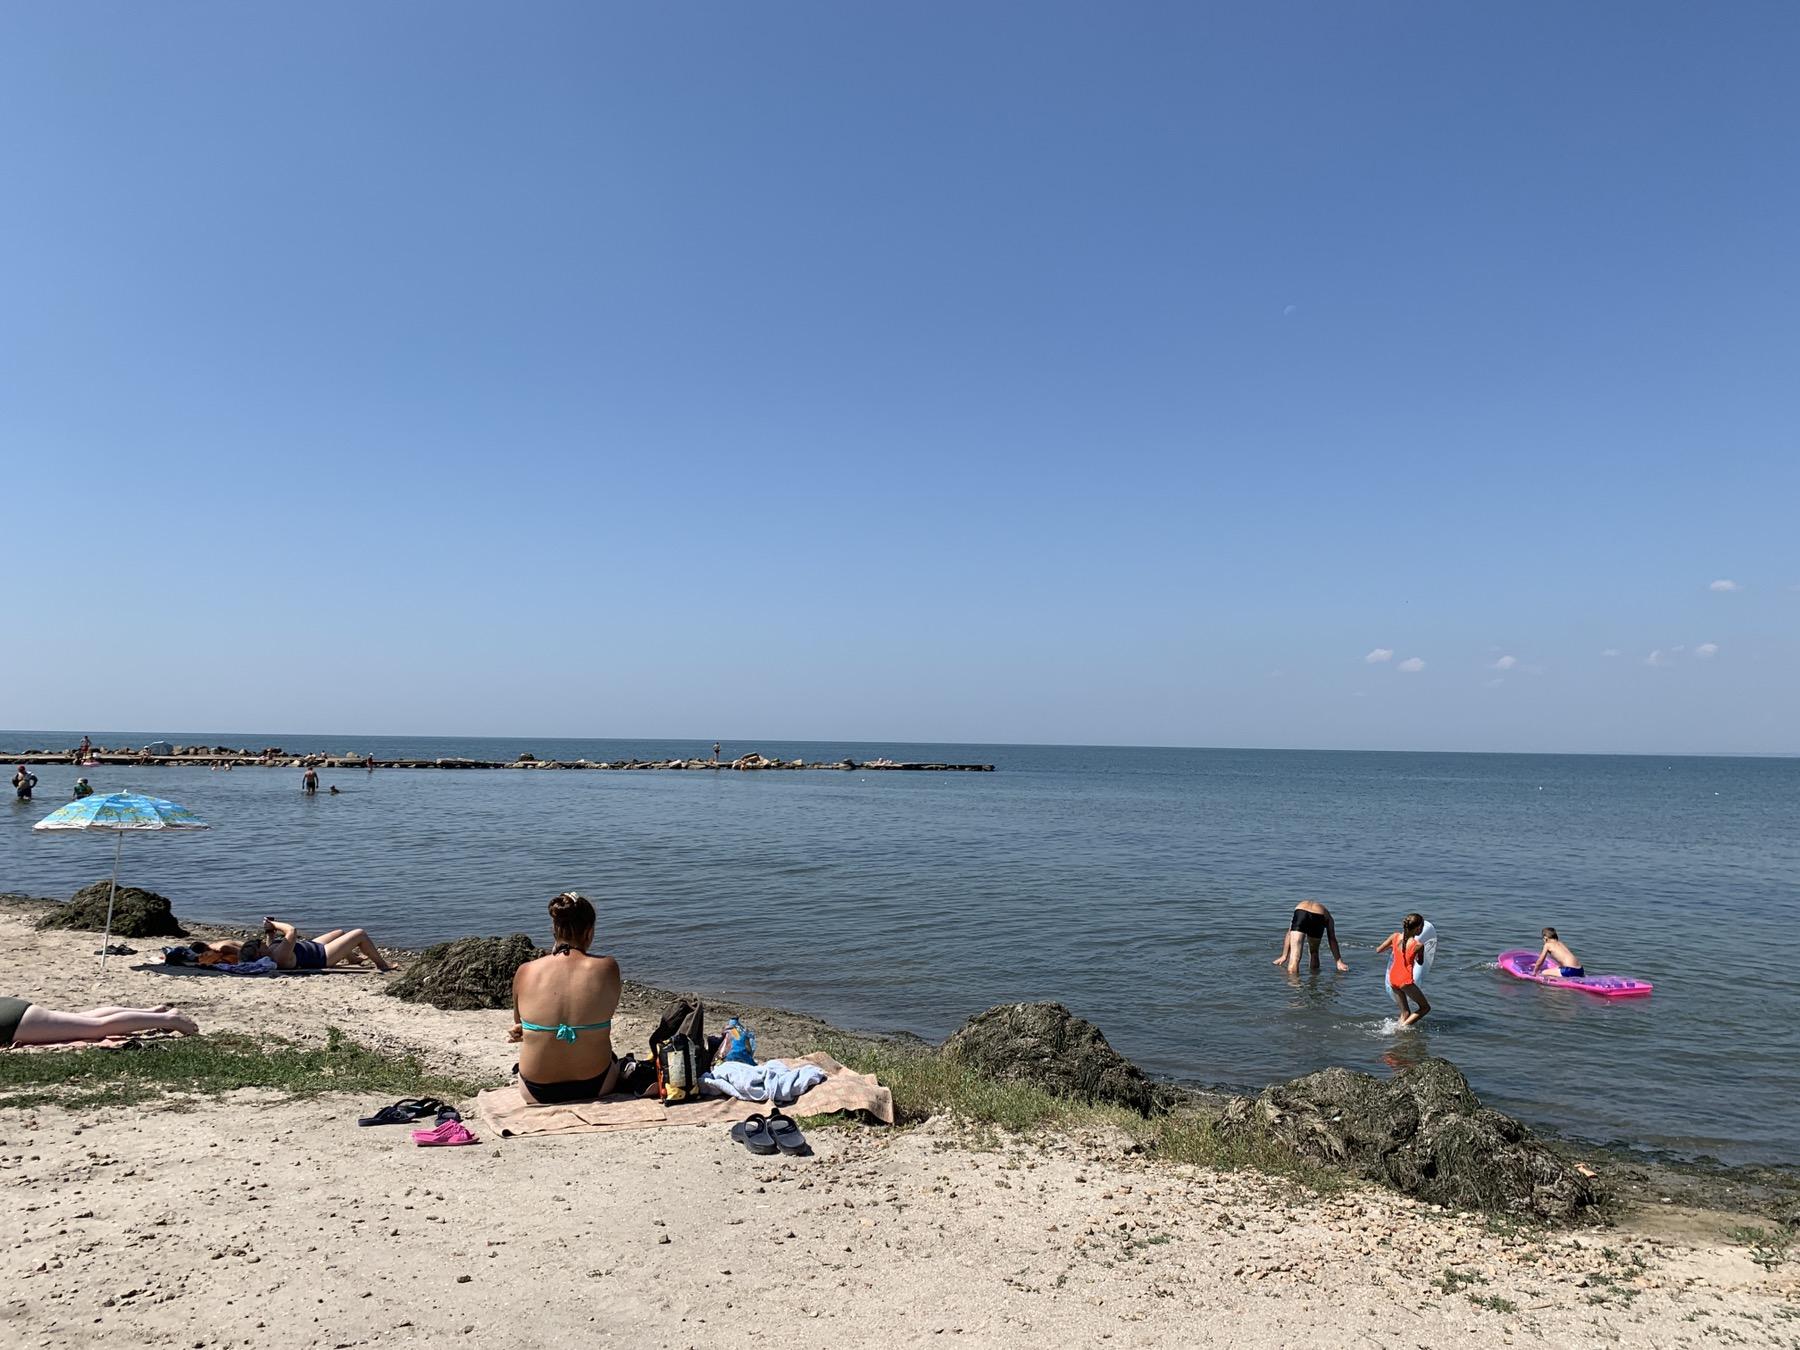 Не медузами едиными: на пляжах Бердянска очередная напасть